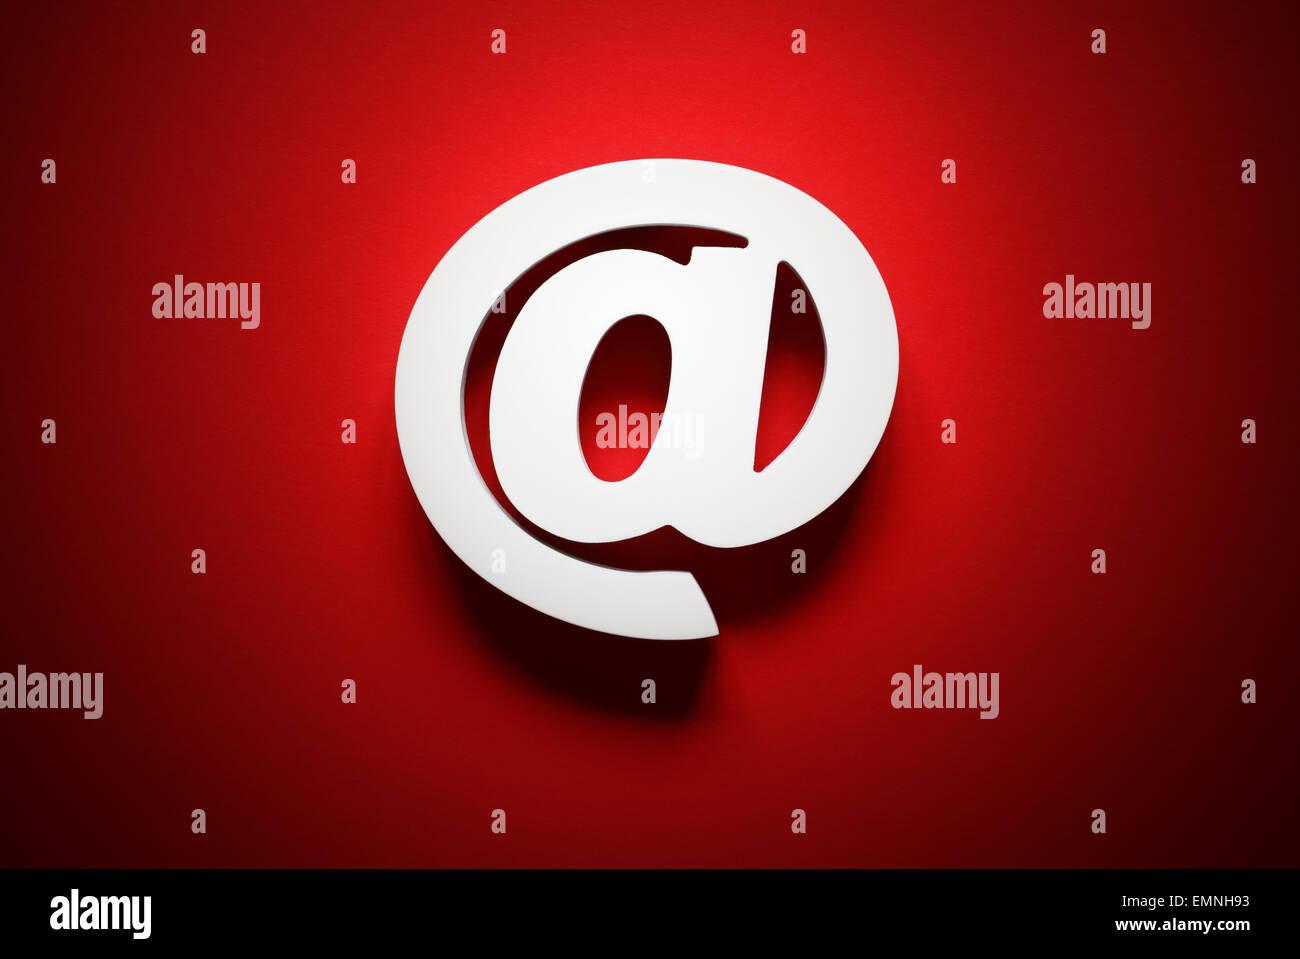 Simbolo del email Immagini Stock